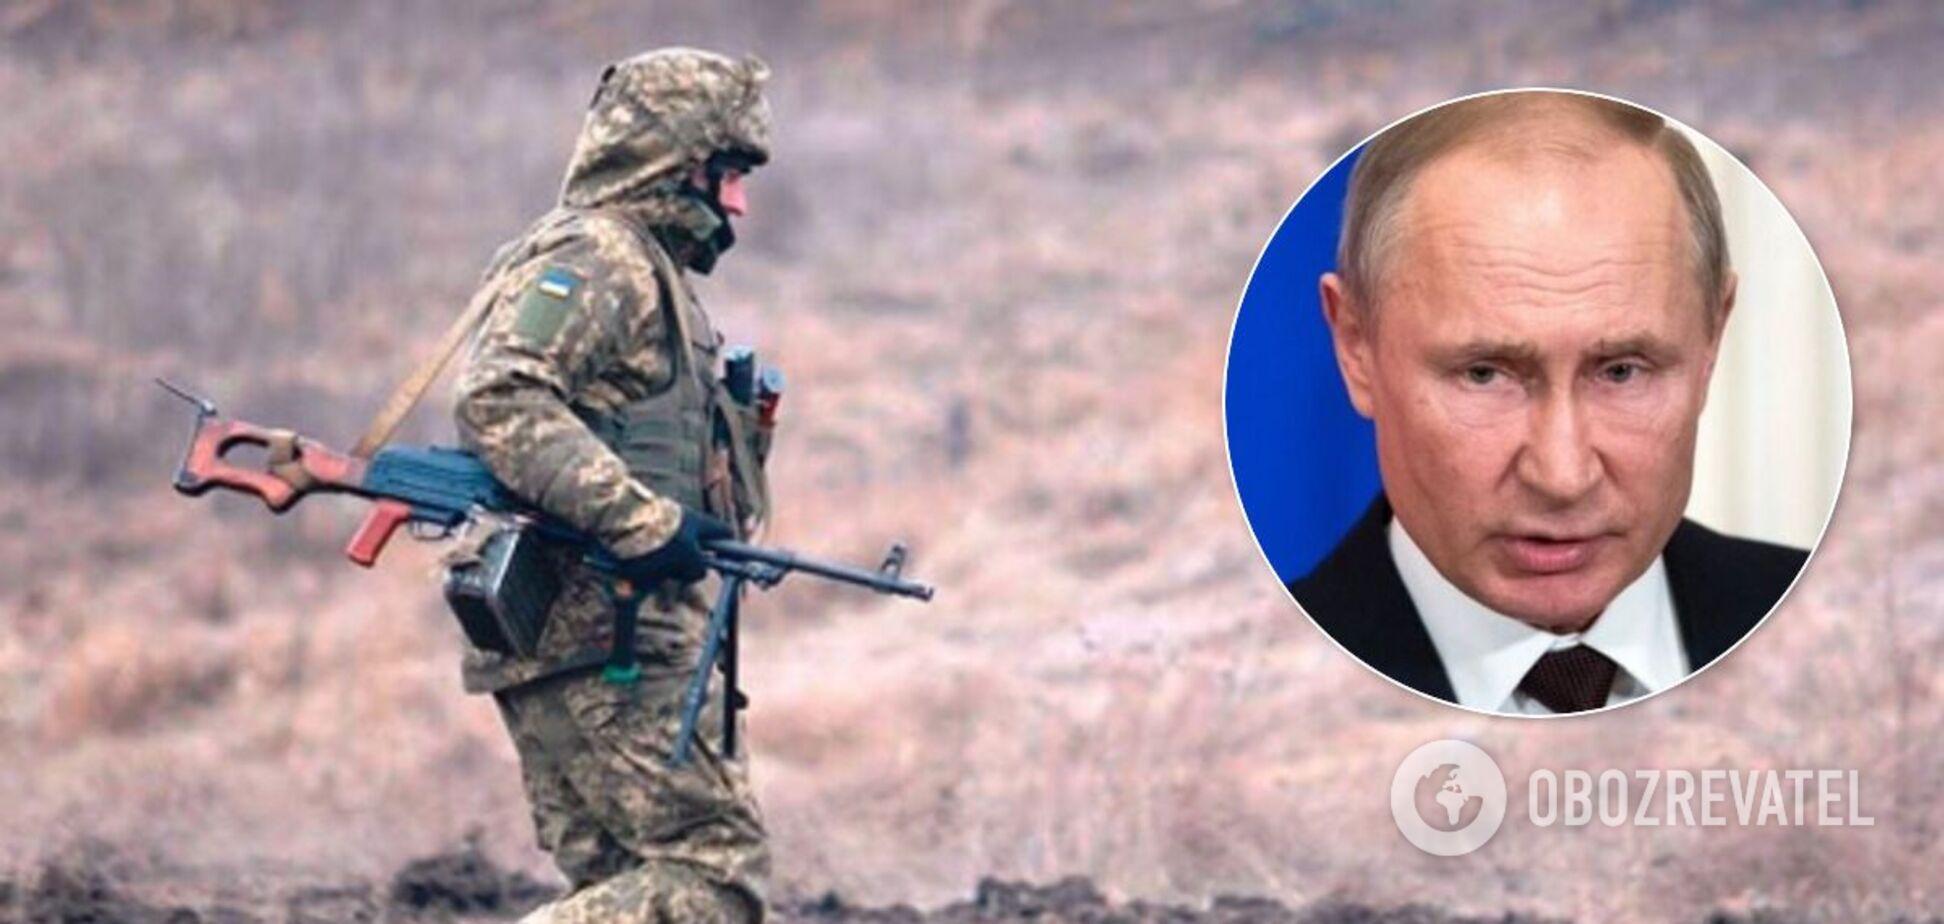 Арестович рассказал о 'золотом мосте' для Путина на Донбассе